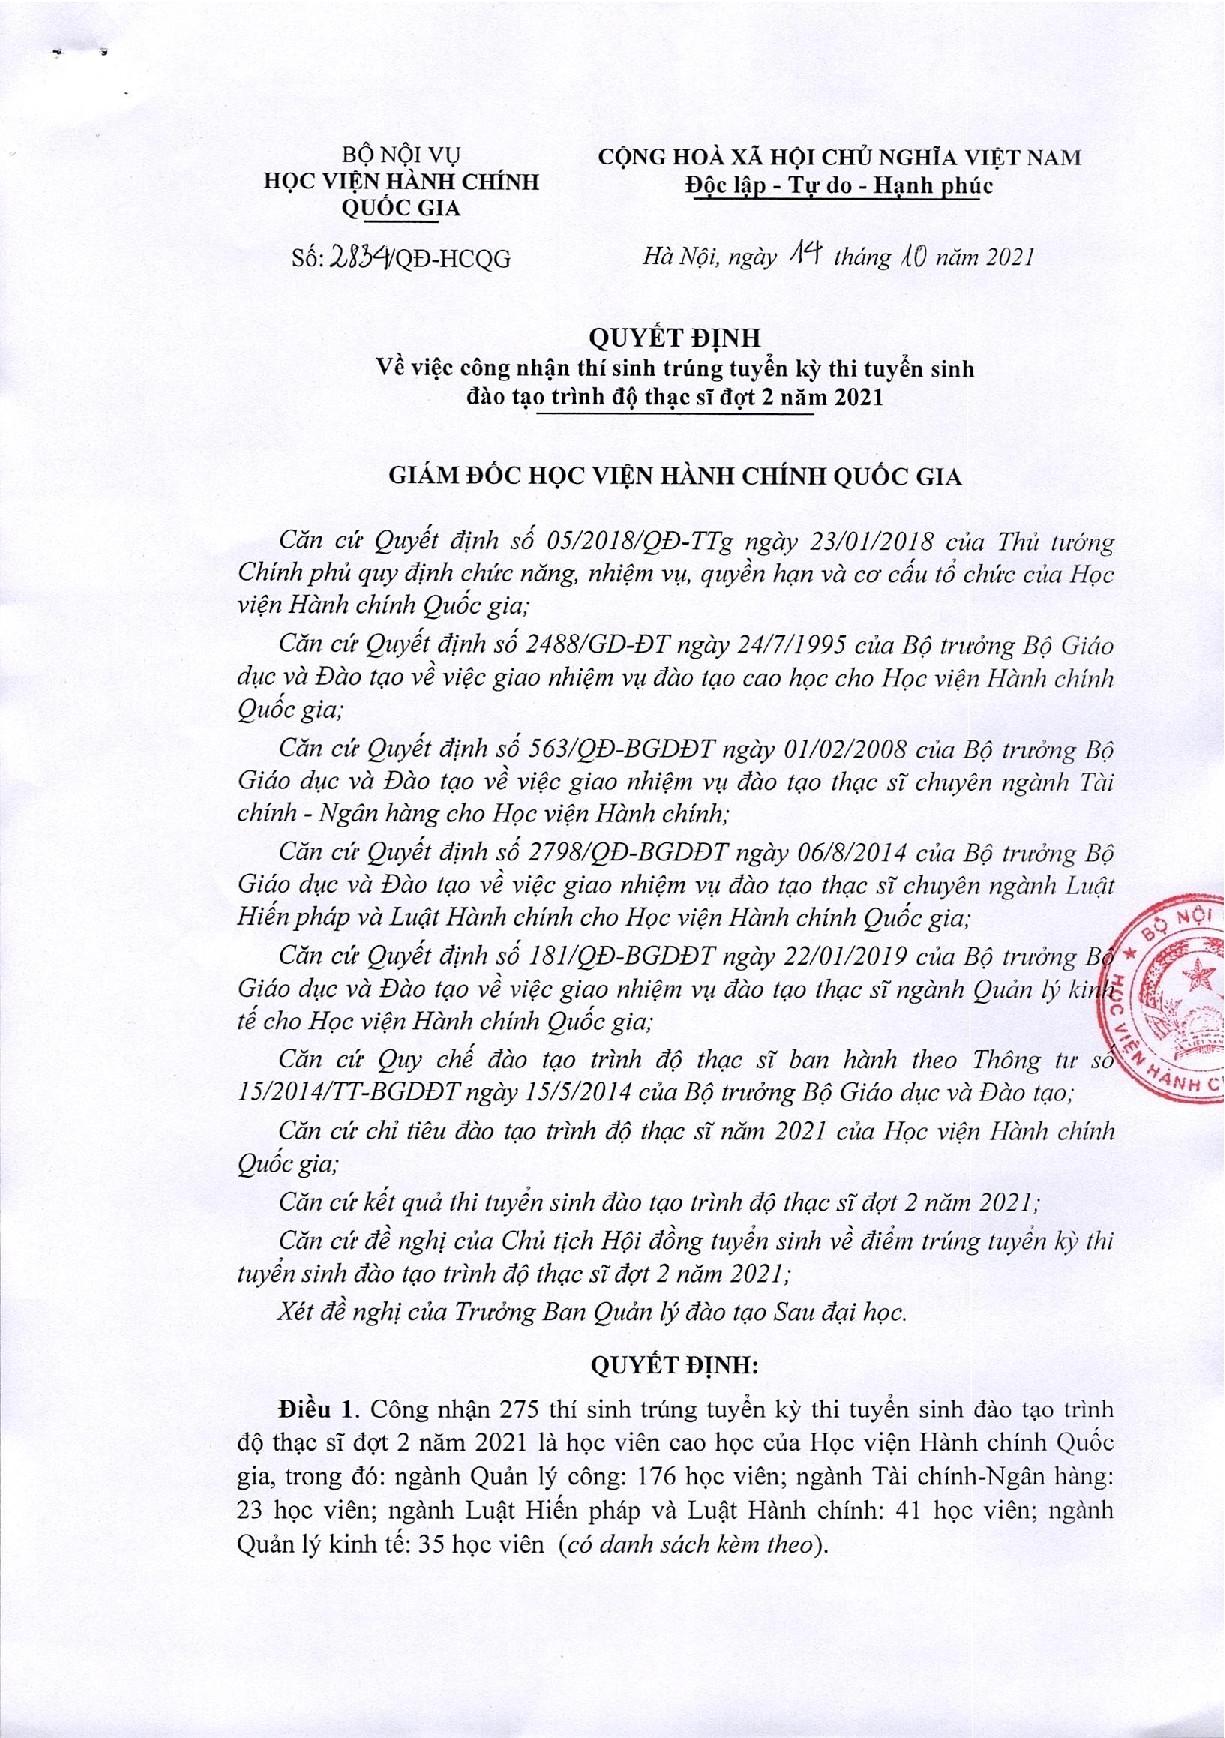 Quyết định về việc công nhận thí sinh TT đợt 2.2021_001